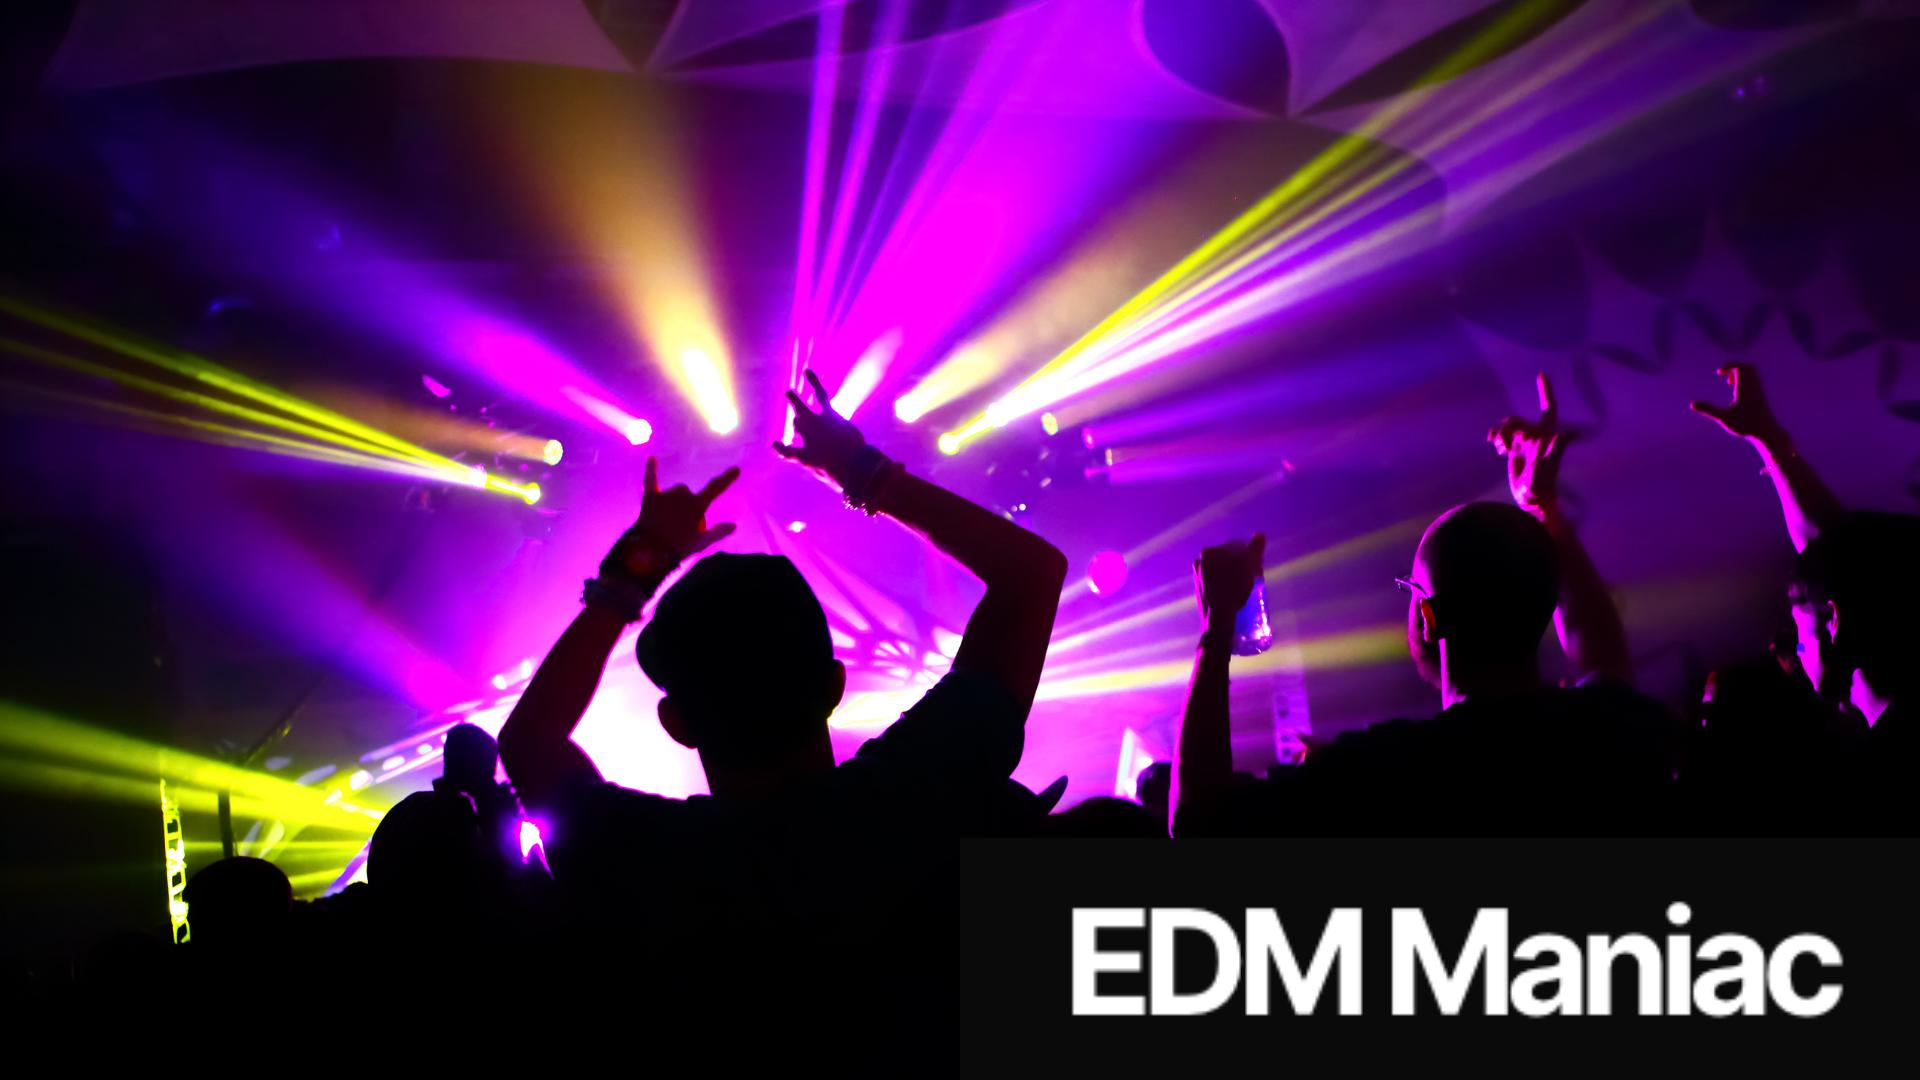 EDM Maniac Hosts 7 Week Residency with Insomniac TV